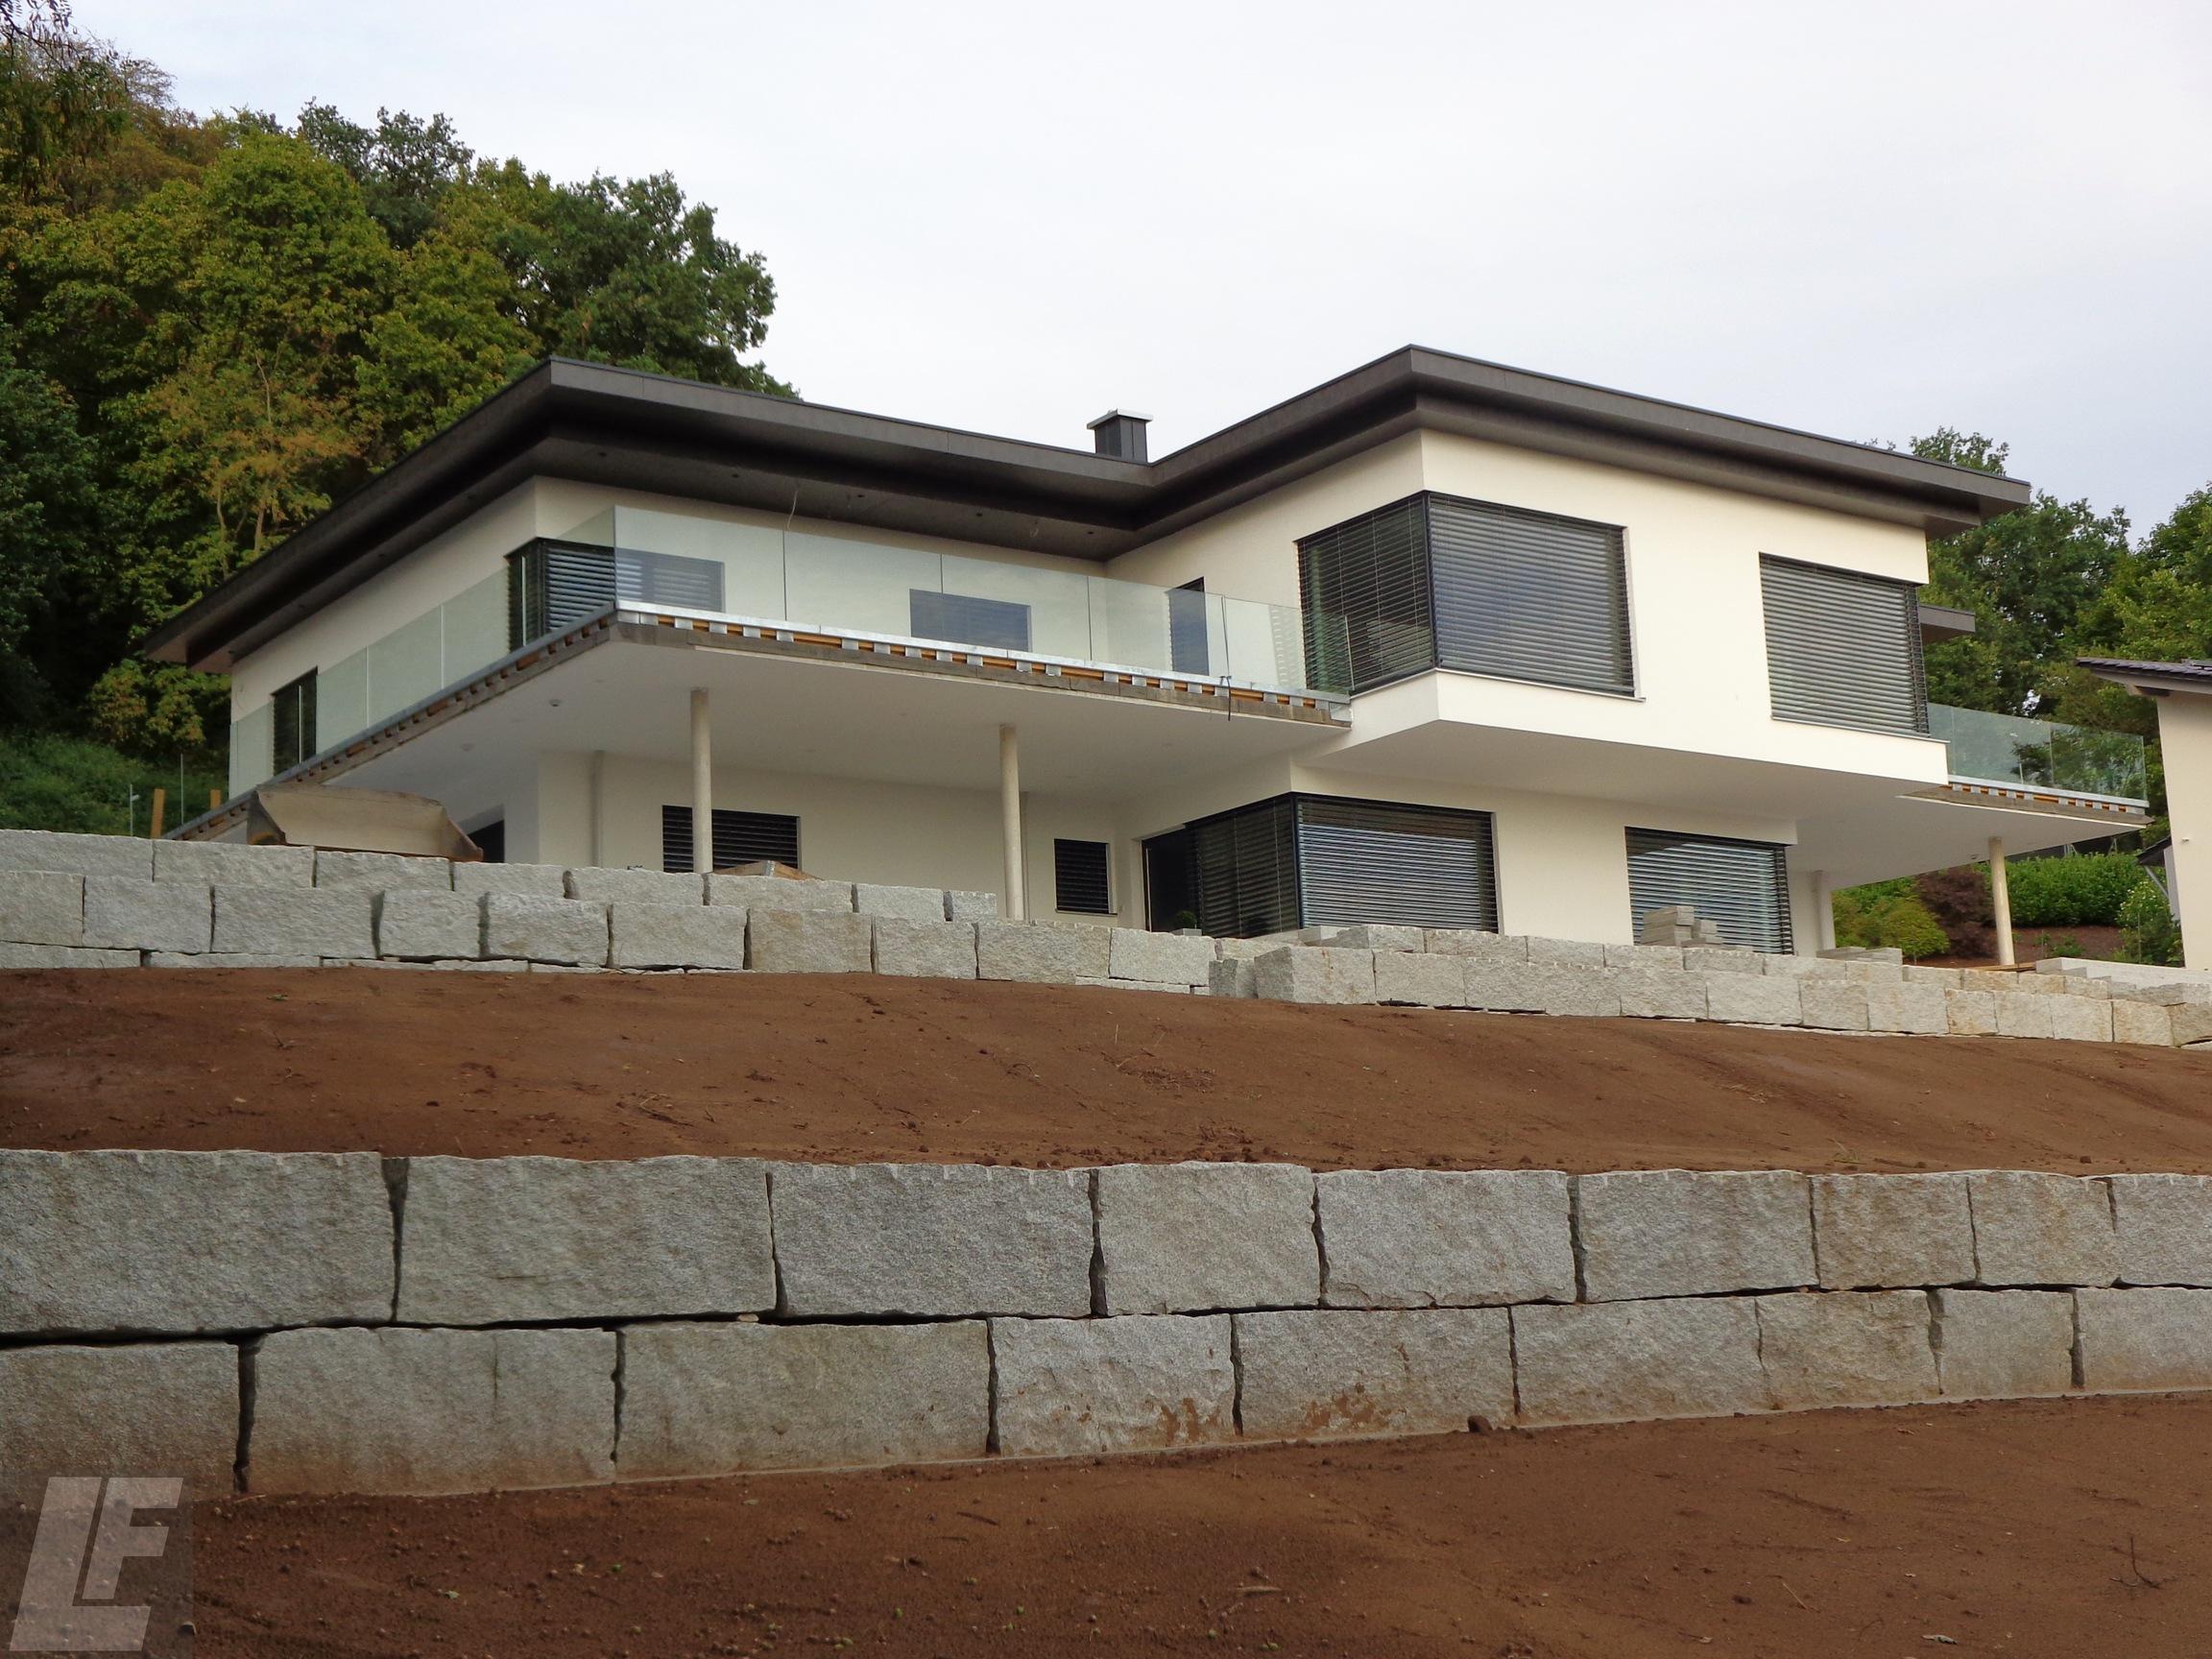 Einfamilienhaus mit flachdach luber freller bau gmbh for Moderner baustil einfamilienhaus